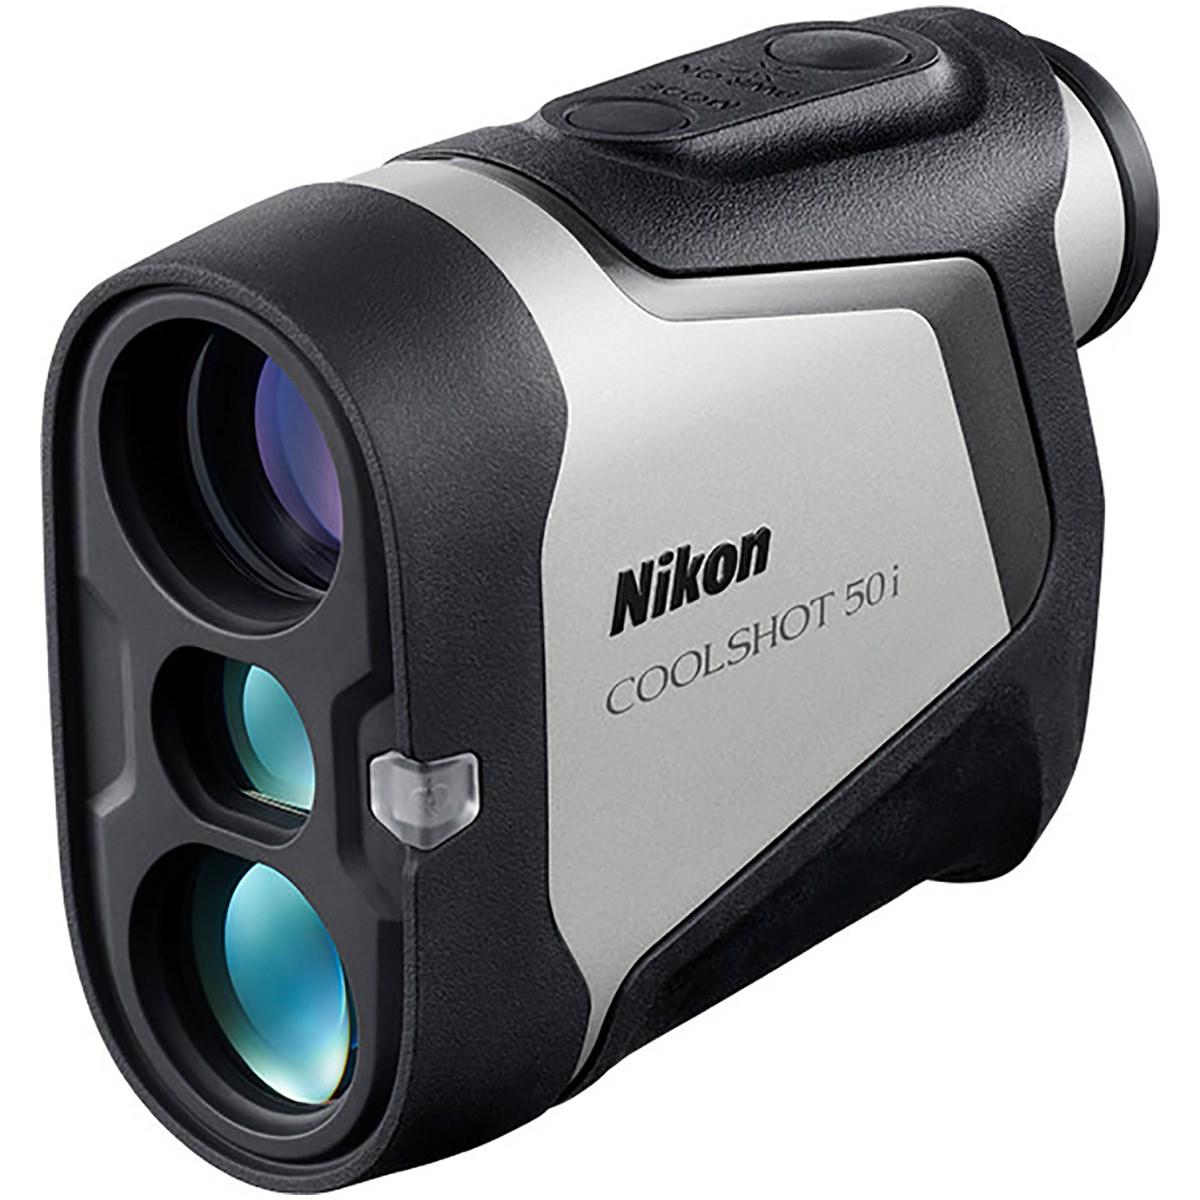 ニコン NIKON COOLSHOT 50i ブラック/シルバー